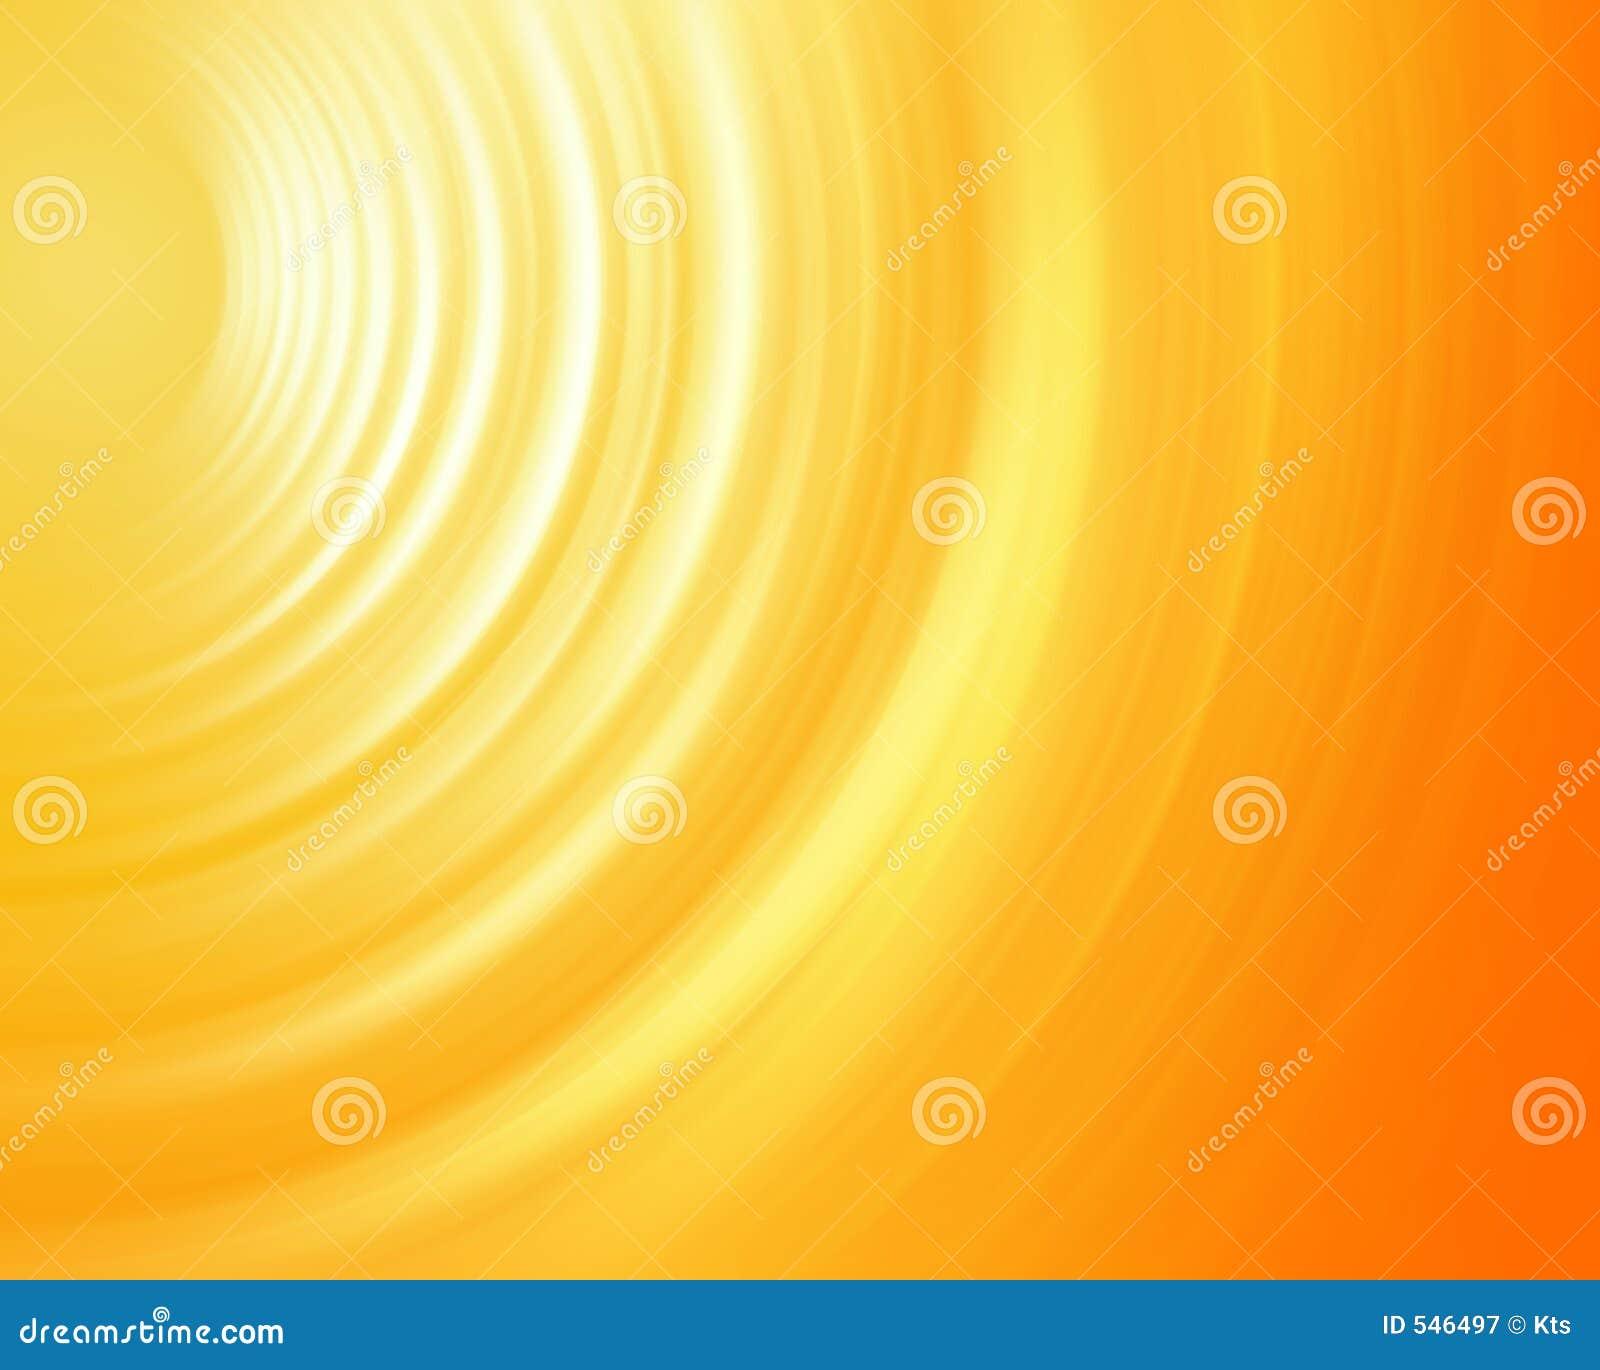 Sound wave för energi